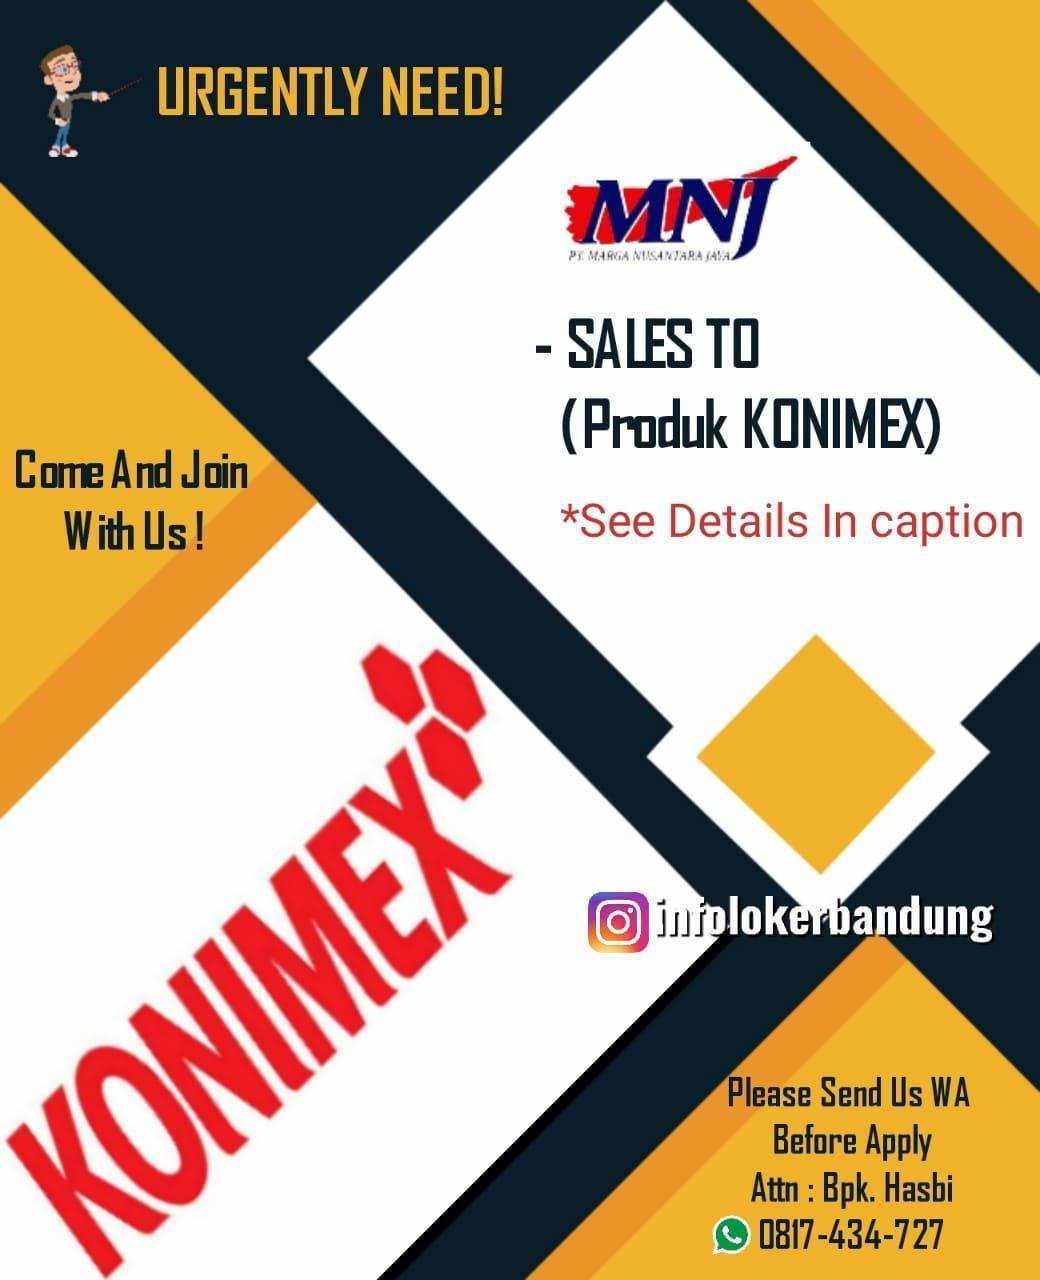 Lowongan Kerja PT. Marga Nusantara Jaya ( Konimex) Bandung Juni 2019